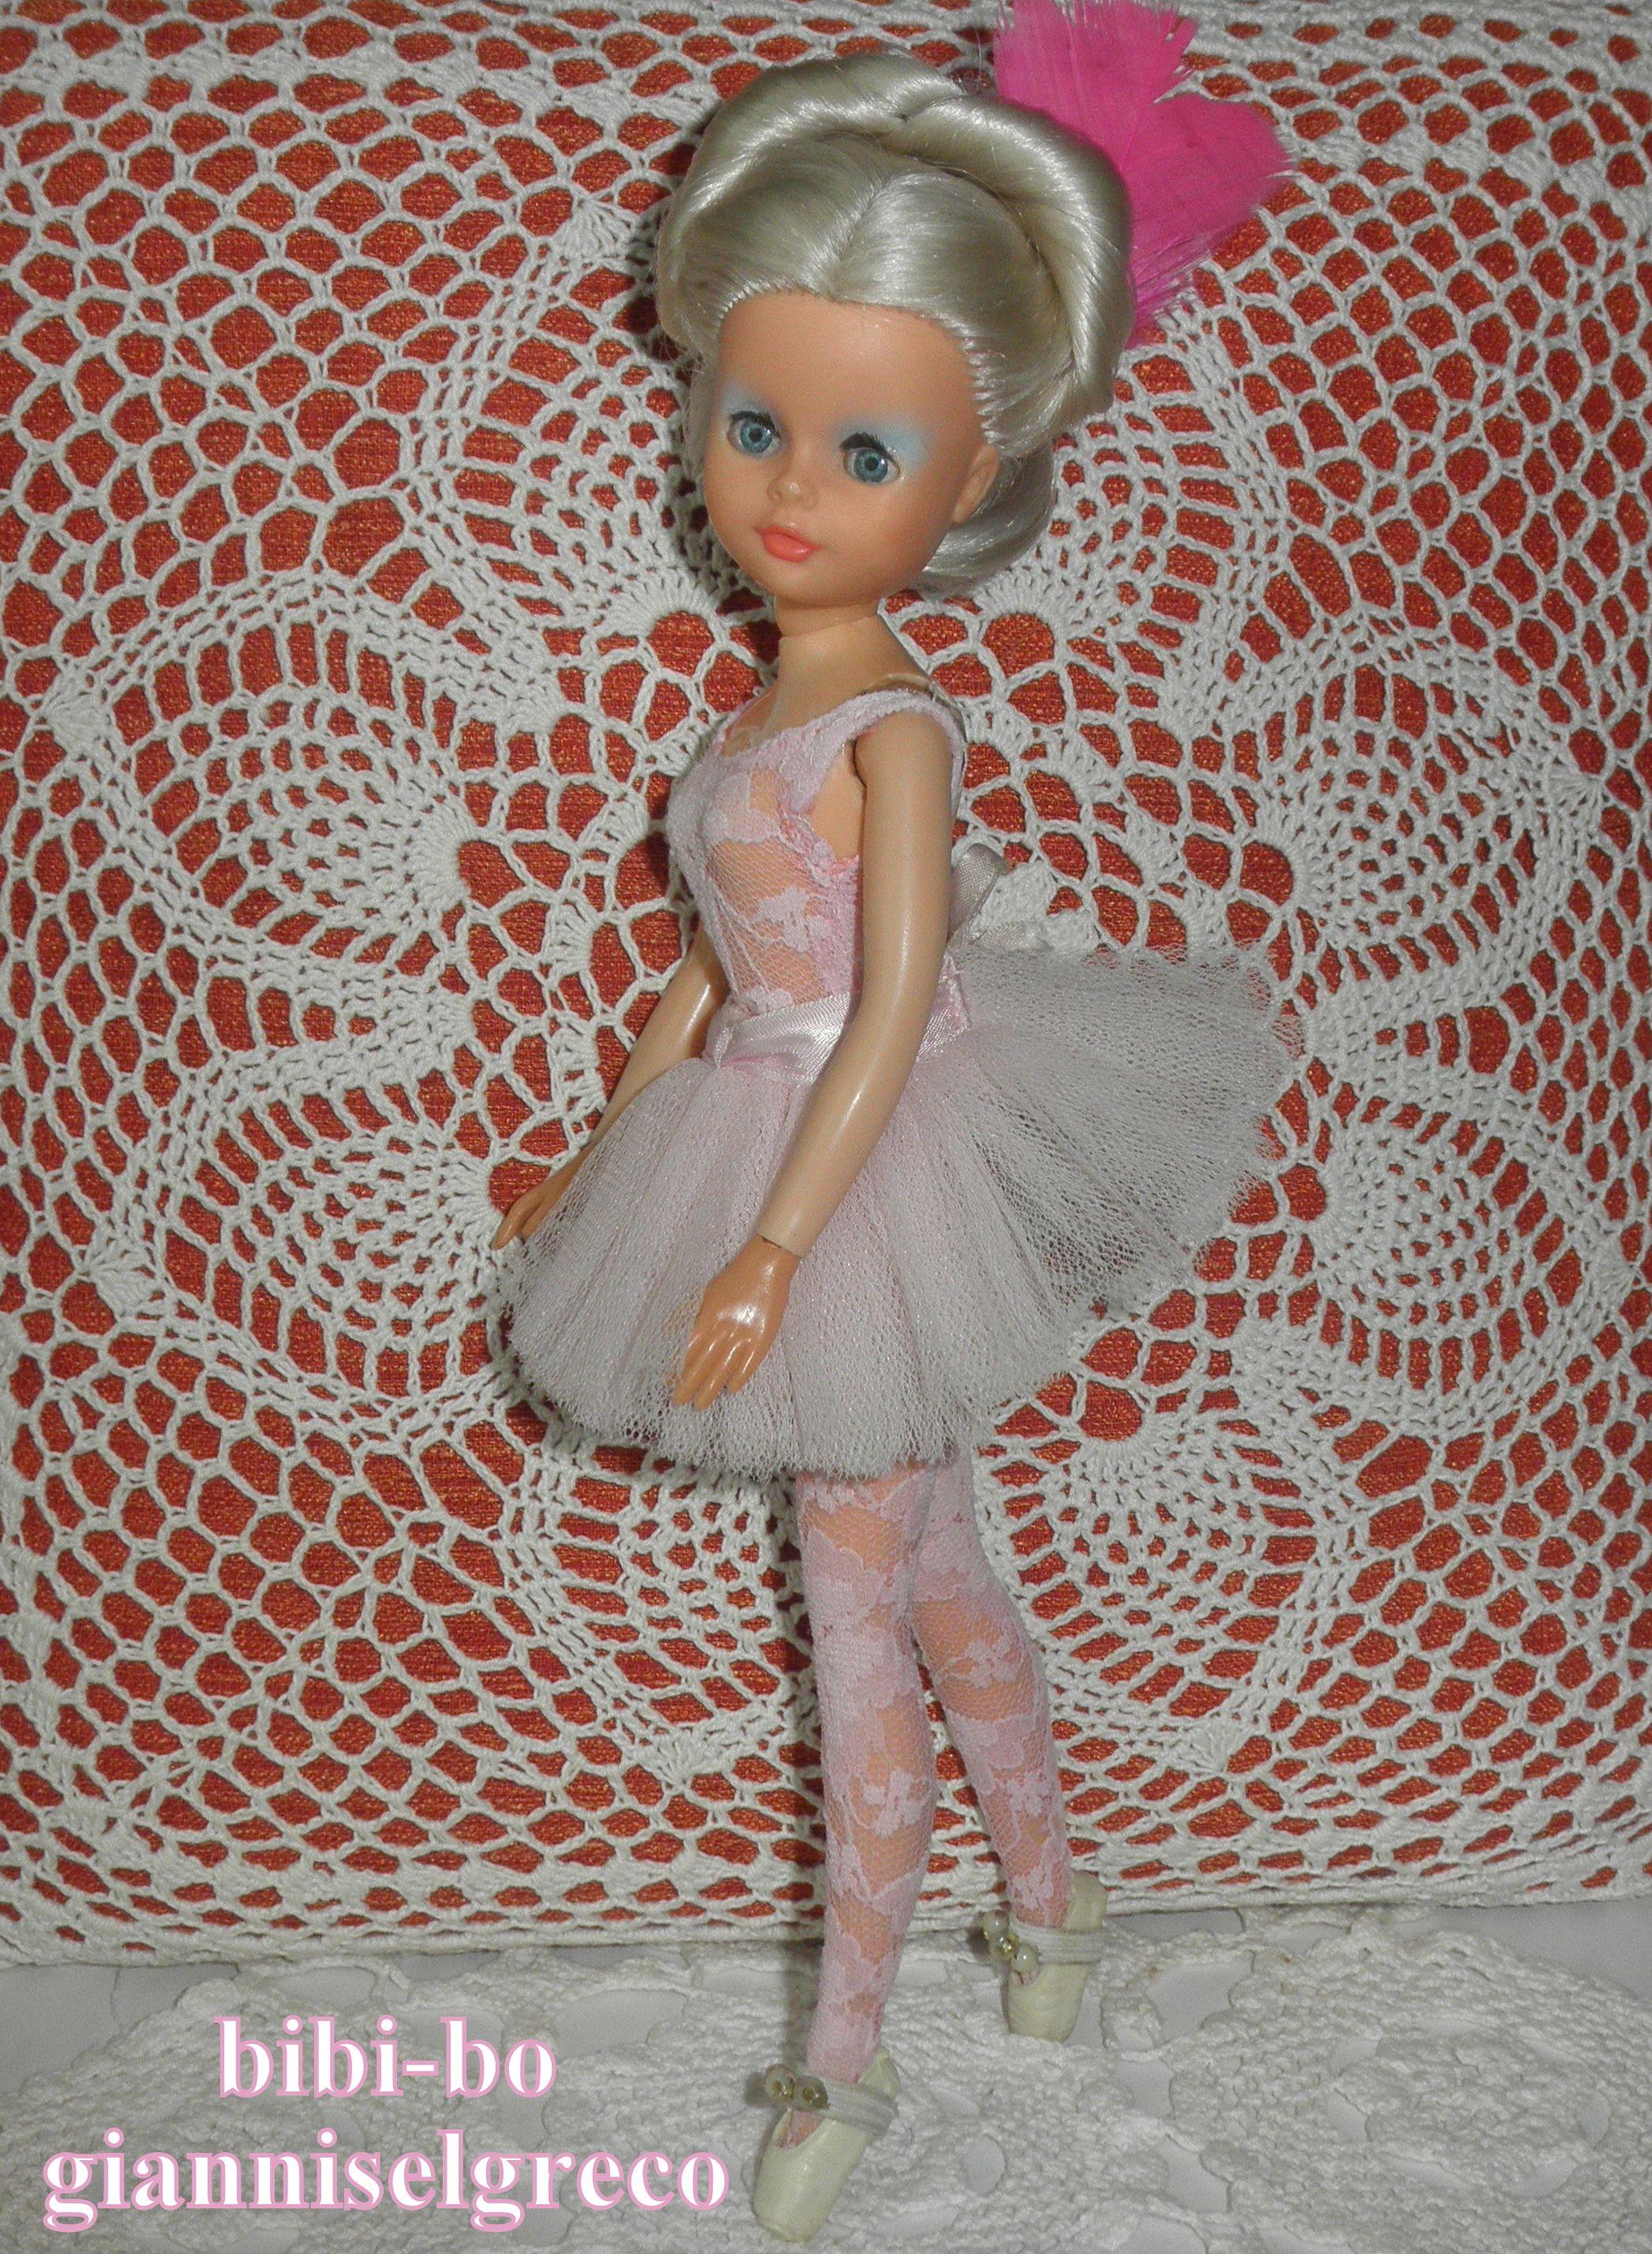 Bibi-bo balerin en sevilen bibi-bo biridir! הבלרינה ביבי-בו היא אחד מהביבים-בו האהוב ביותר! De bibi-bo ballerina is een van de meest geliefde bibi-bo! A bibi-bo balerina egyik legkedveltebb bibi-bo!